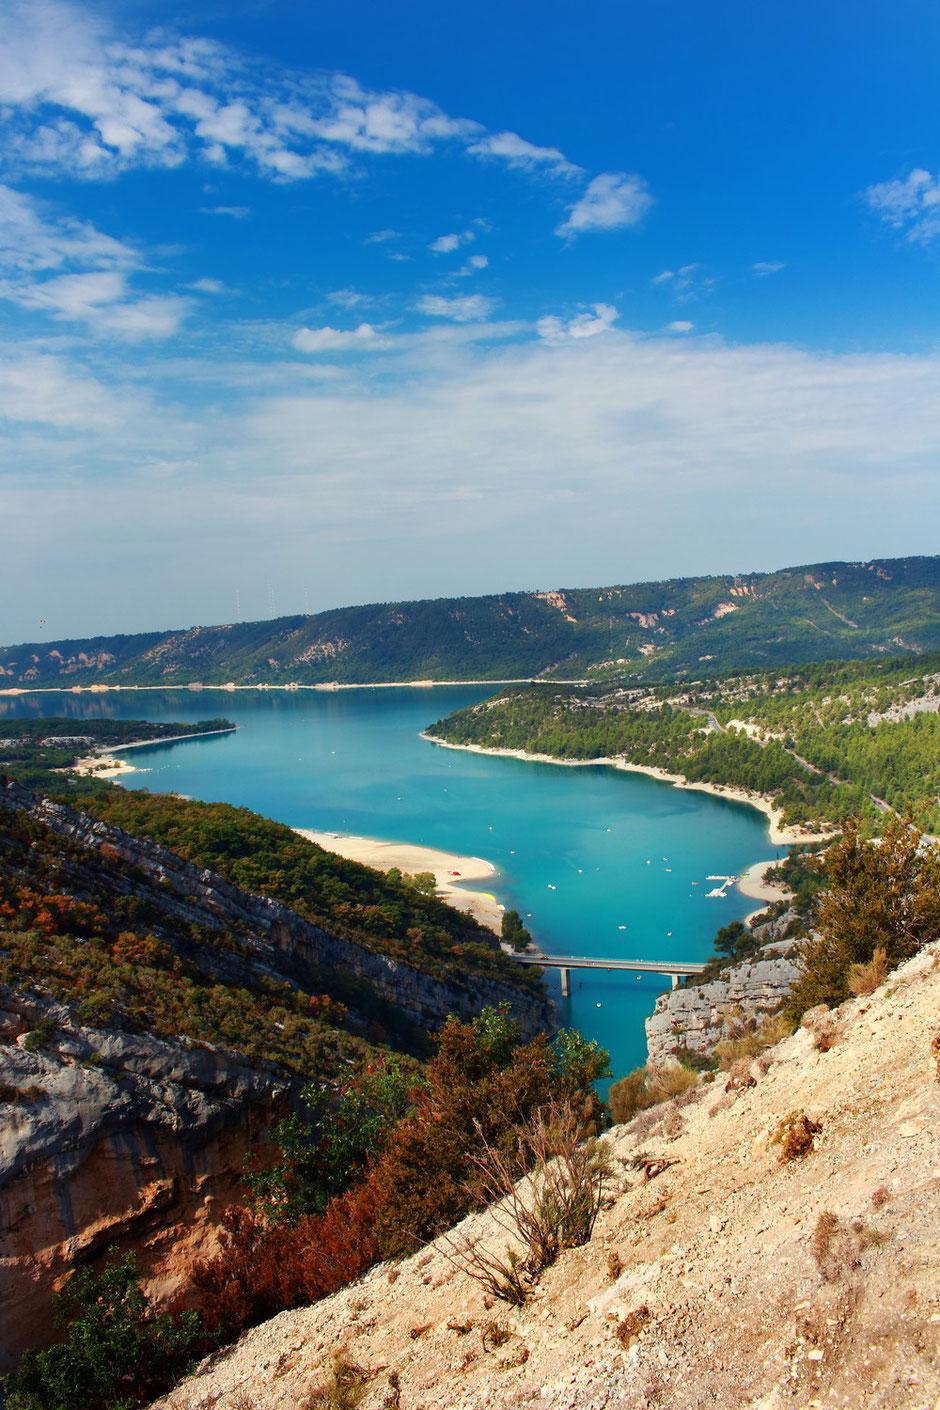 Sur la route du Verdon, vue sur le lac de Sainte Croix et l'entée des Gorges.VERDON (FRANCE) missaventure blog